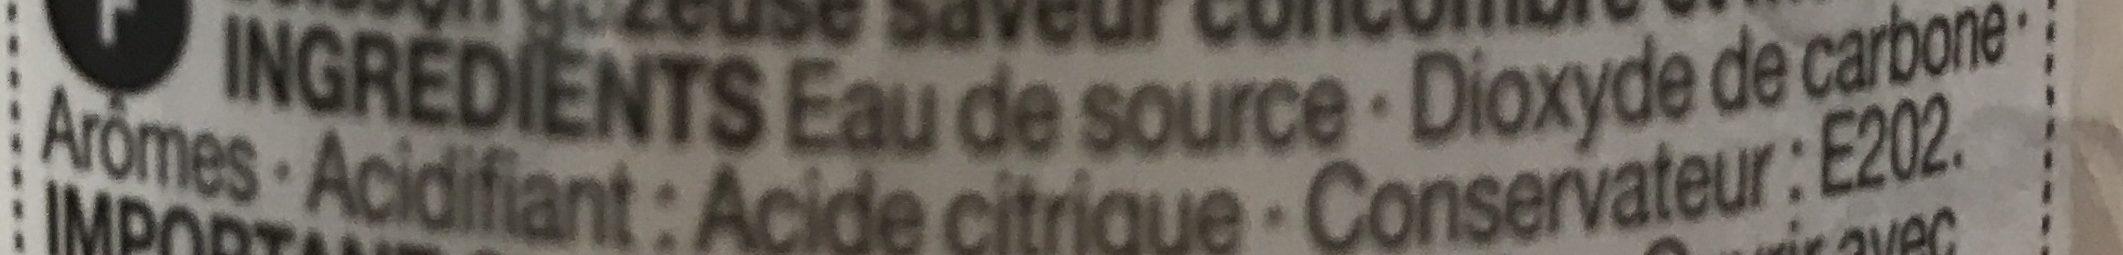 Eau gazeuse concombre menthe - Ingrédients - fr